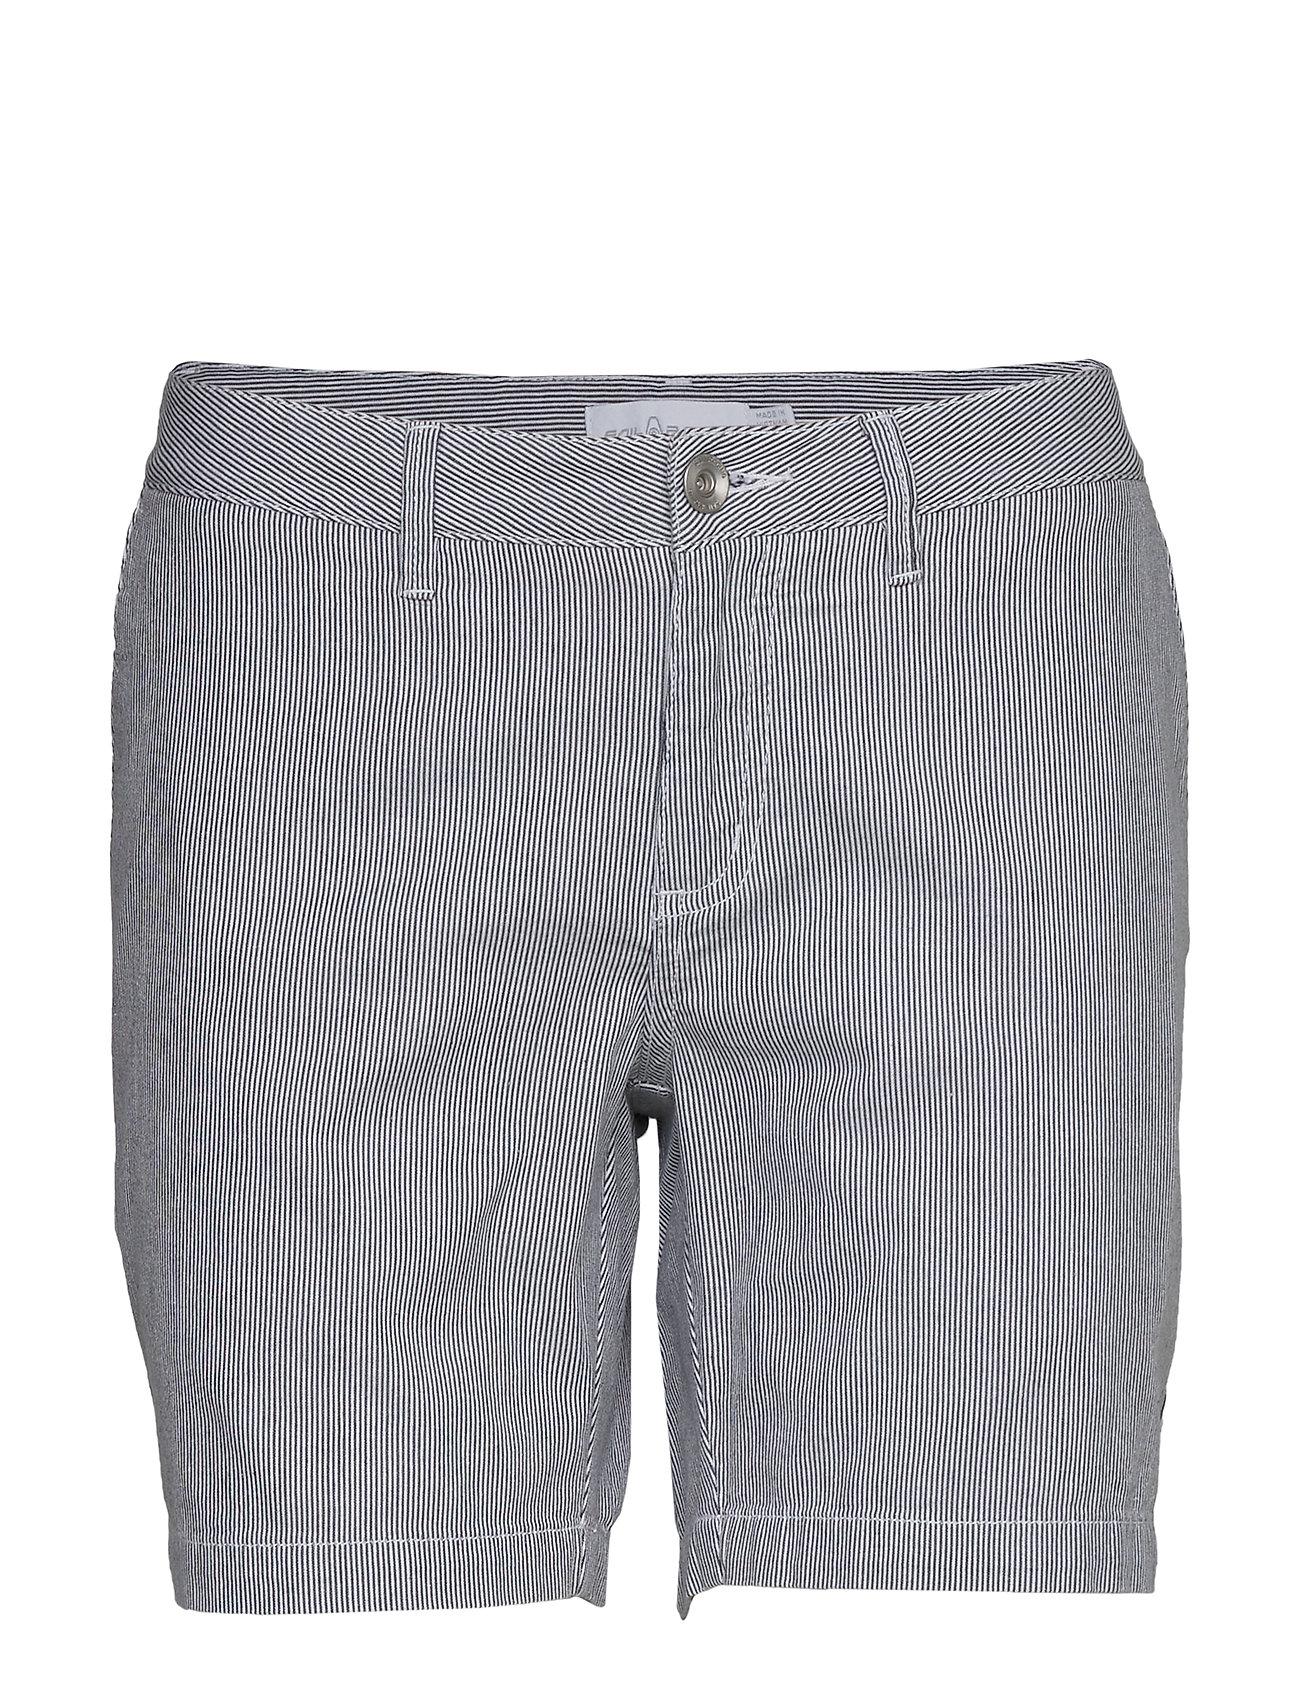 Image of W Gale Striped Chino Shorts Shorts Chino Shorts Blå Sail Racing (3425863047)